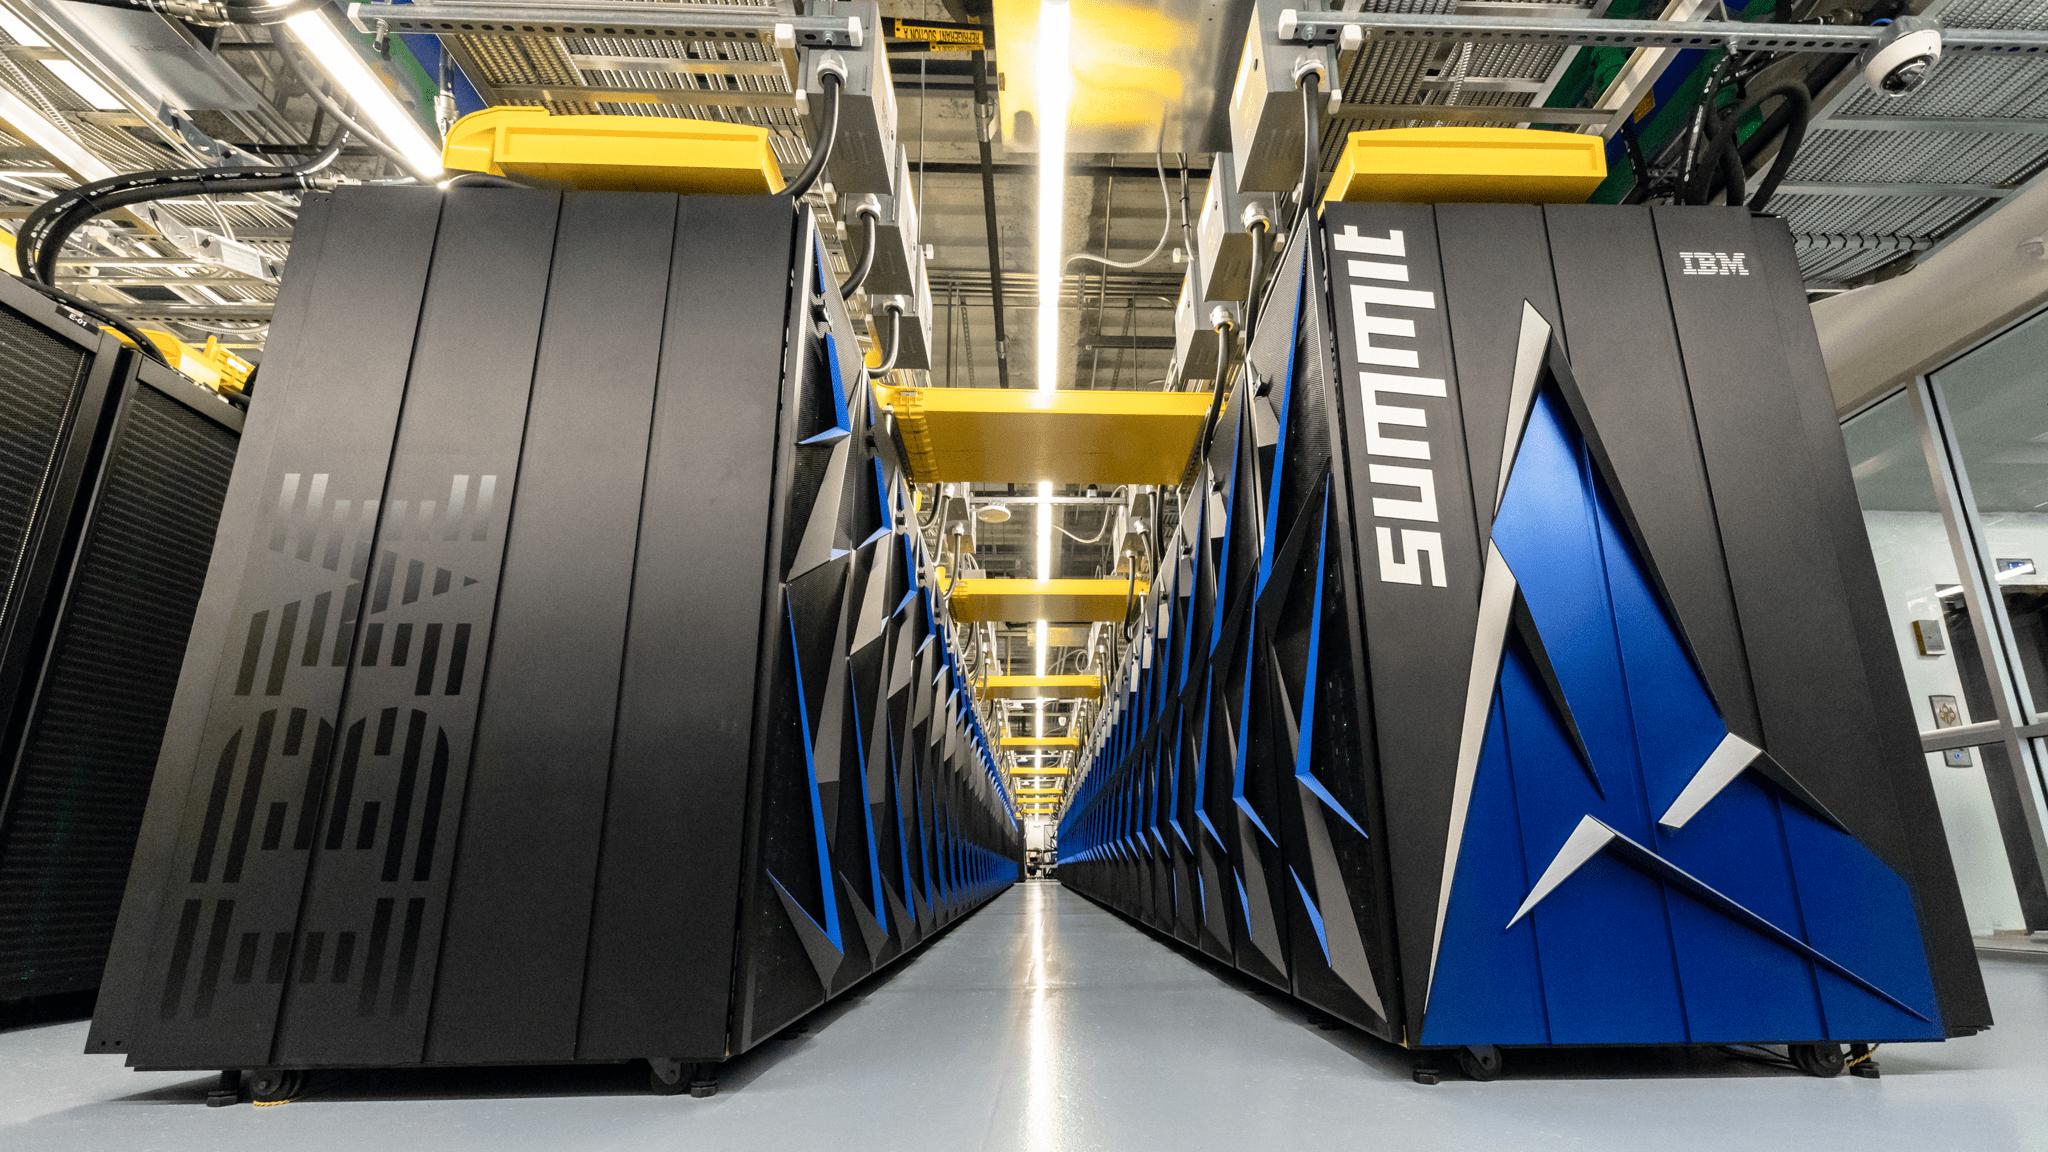 L'ordinateur le plus puissant au monde made in USA SUMMIT